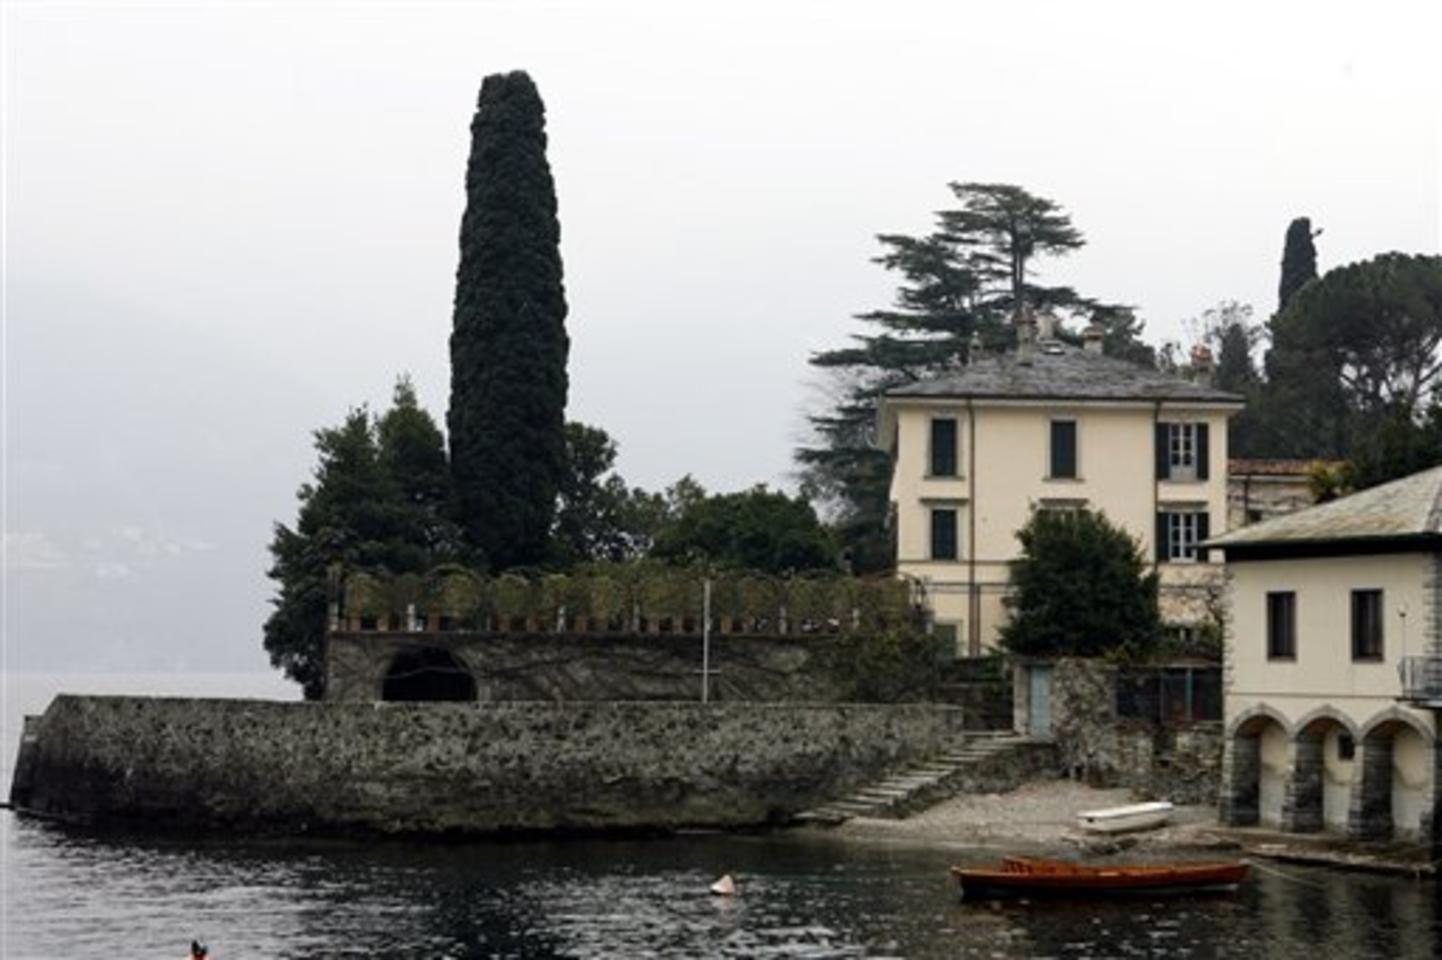 Clooney S Italian Villa Italian Villa Venice Italy Travel Italian Lakes